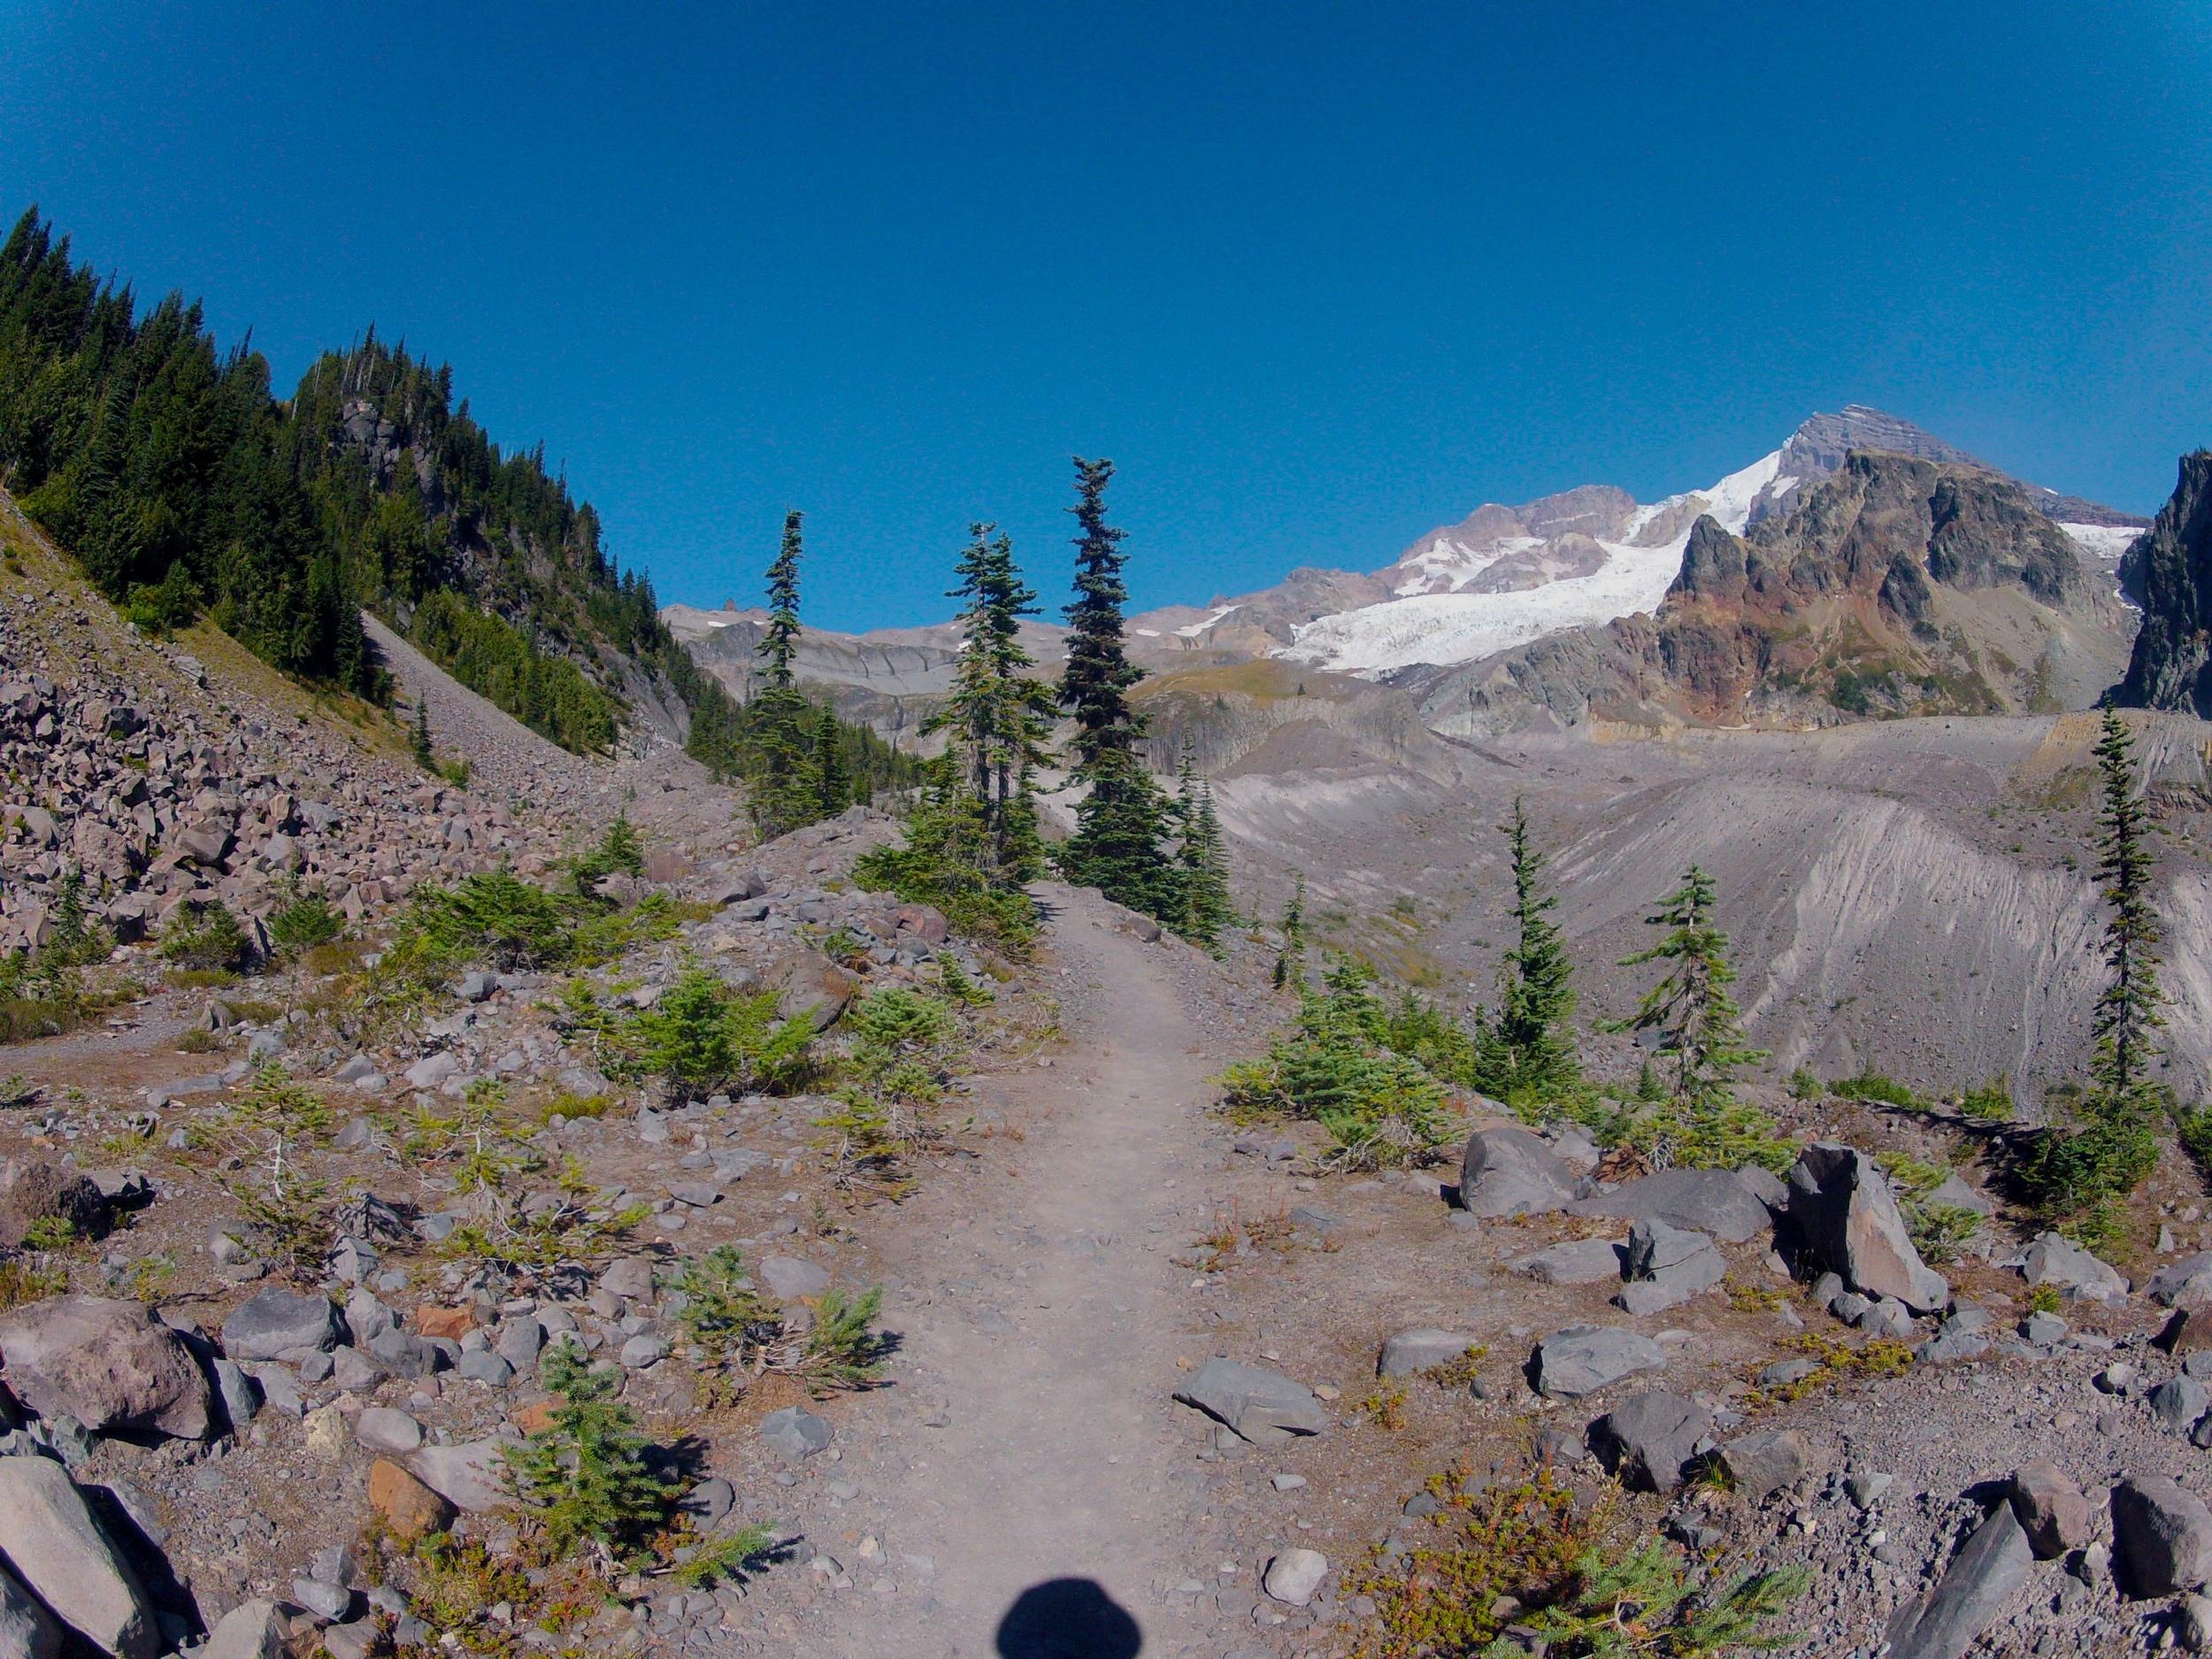 approaching Emerald Ridge